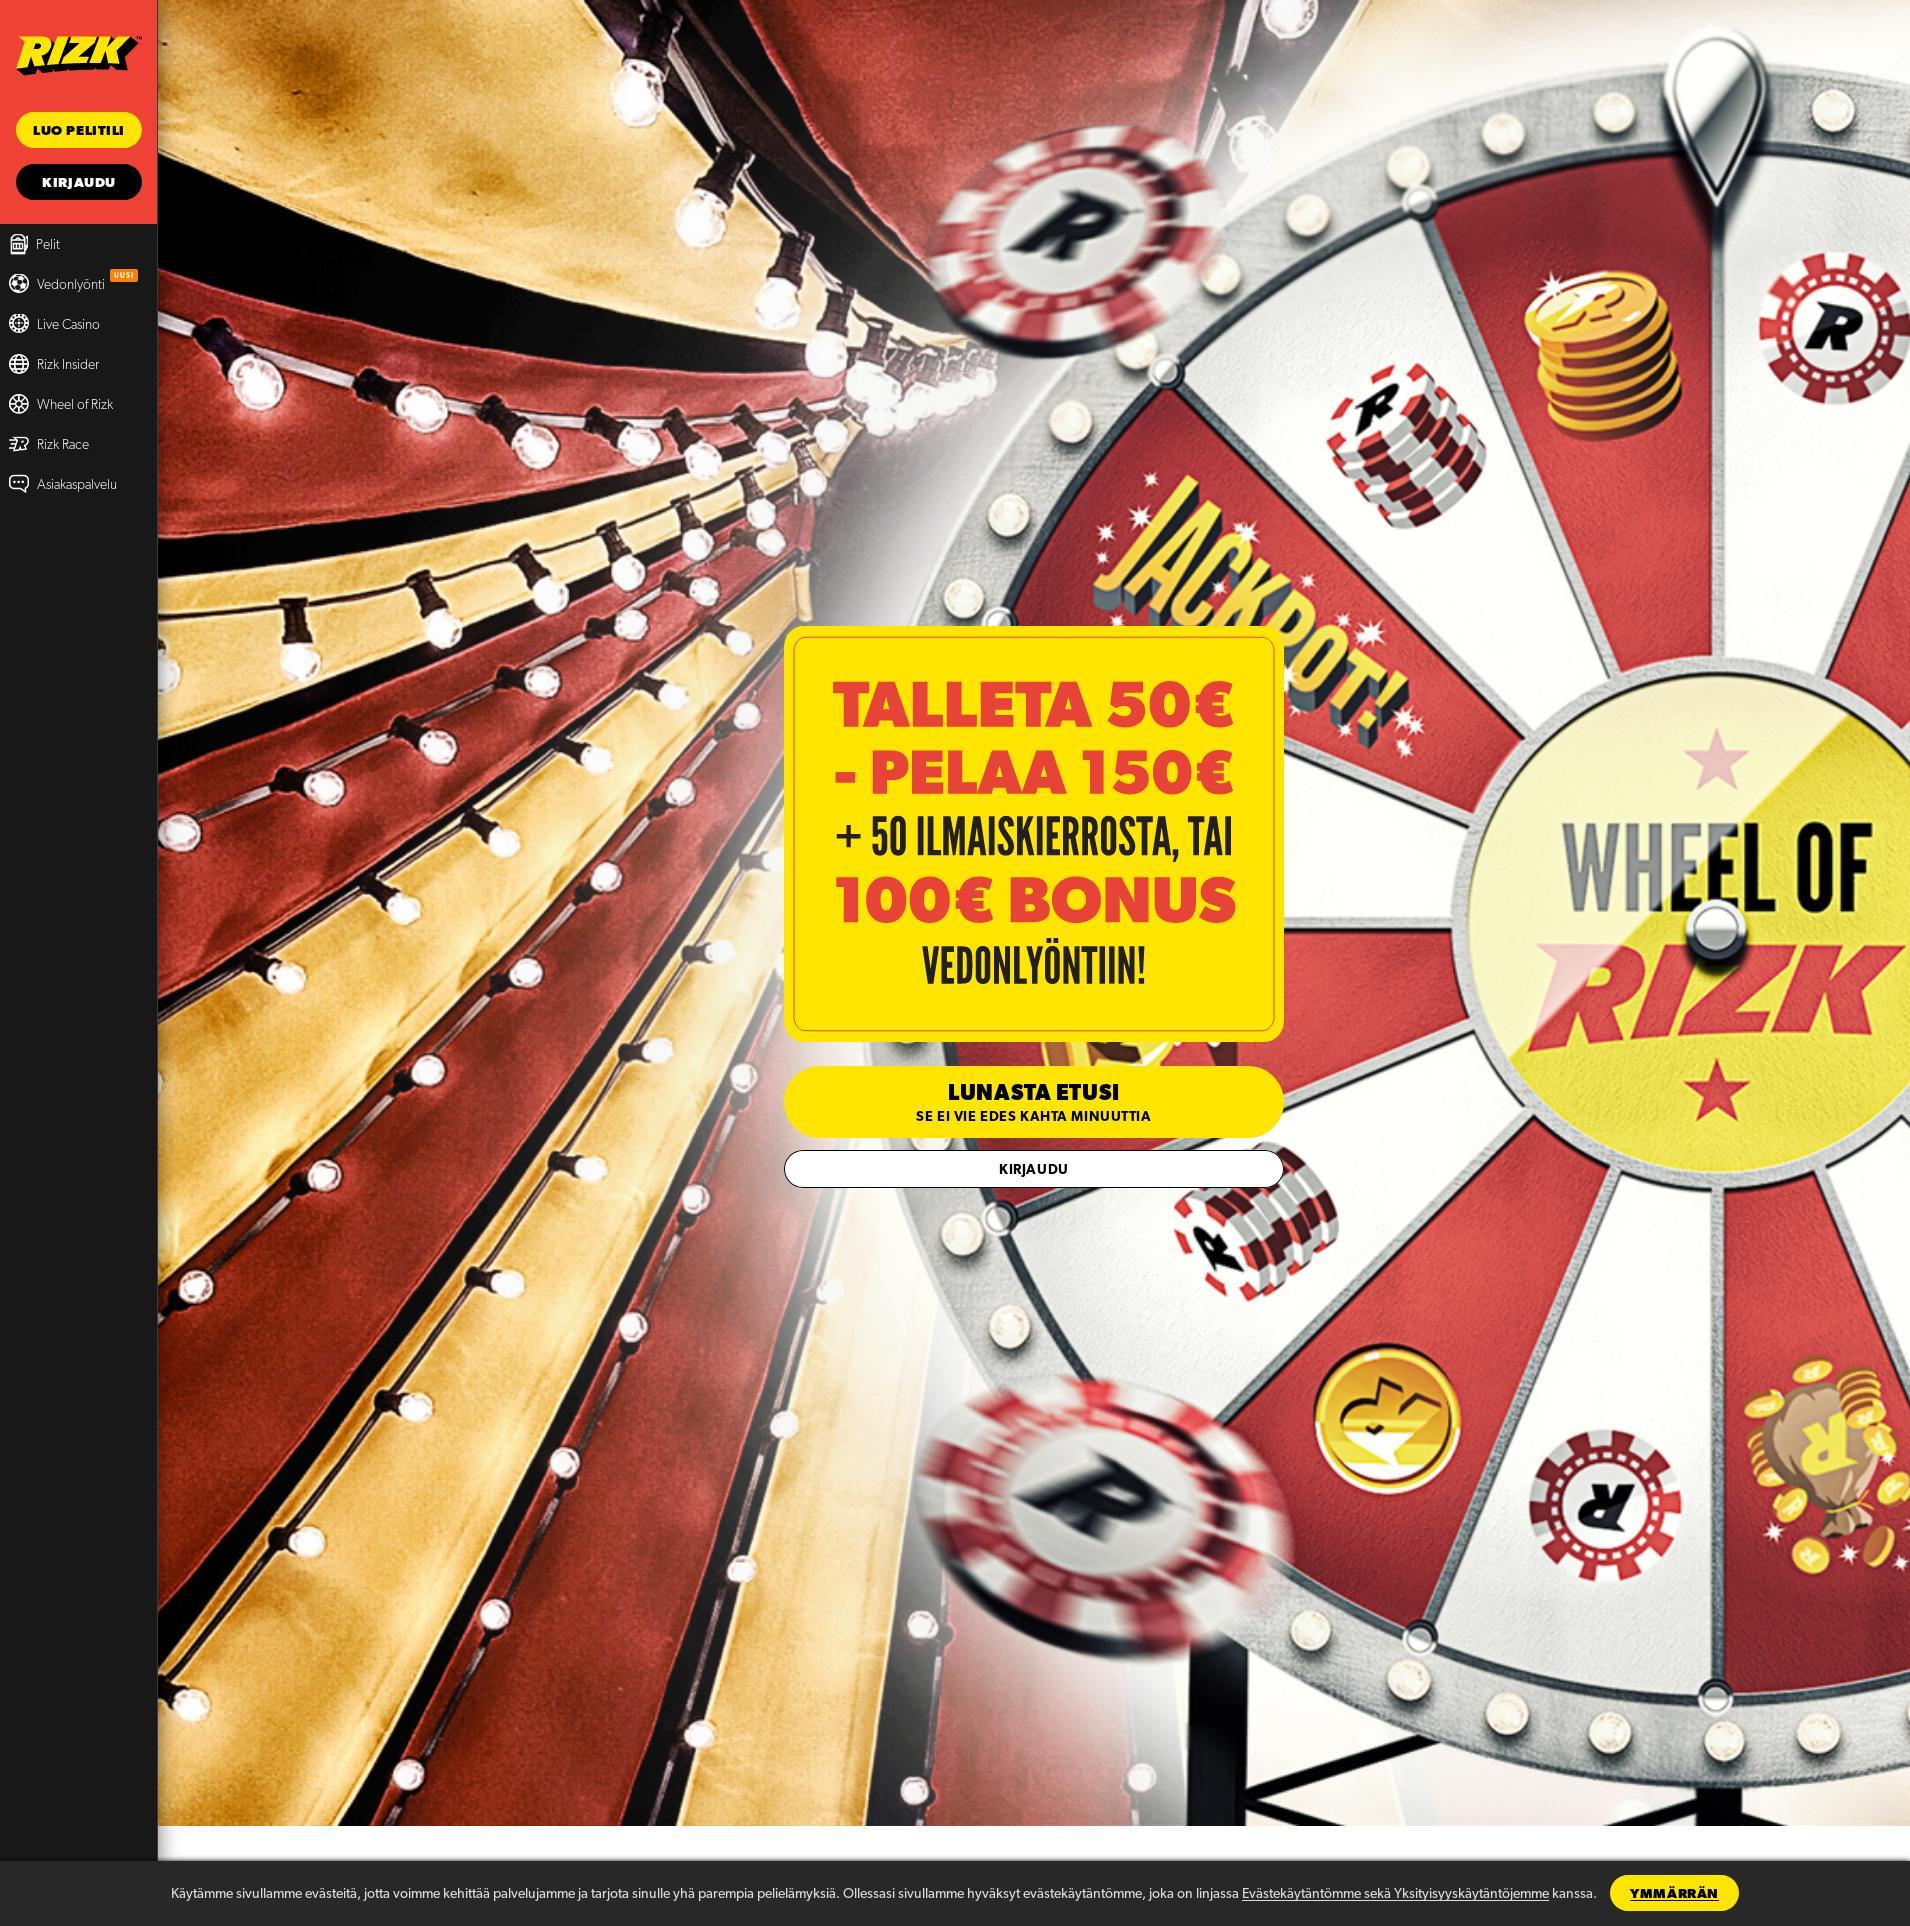 Casino-näyttö Lobby 2020-02-19 varten Suomi